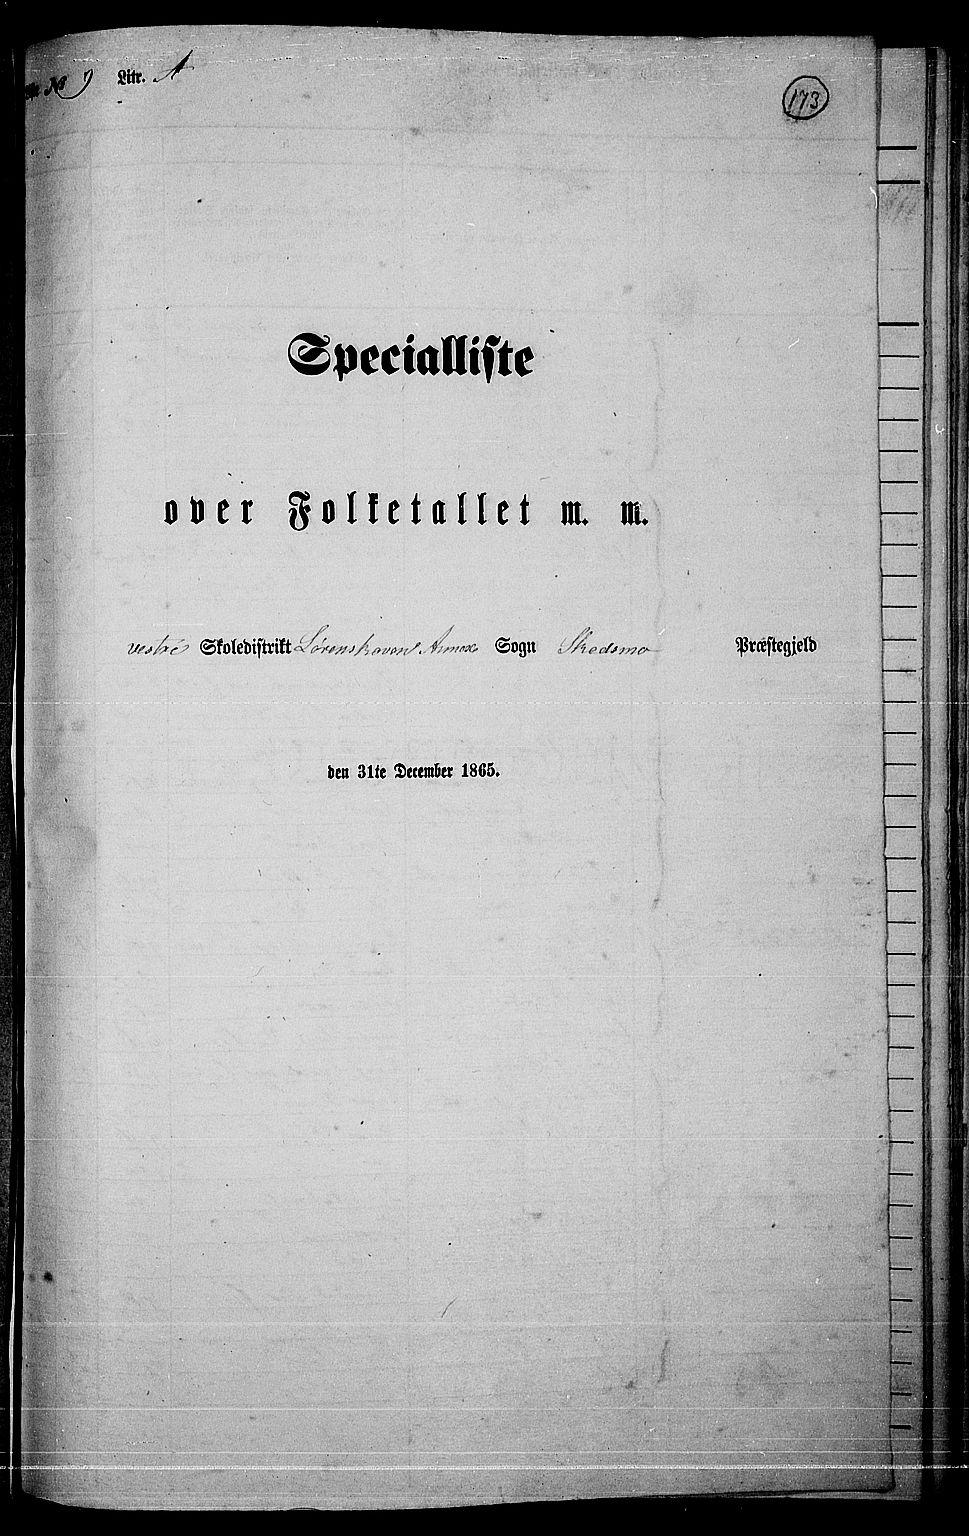 RA, Folketelling 1865 for 0231P Skedsmo prestegjeld, 1865, s. 152